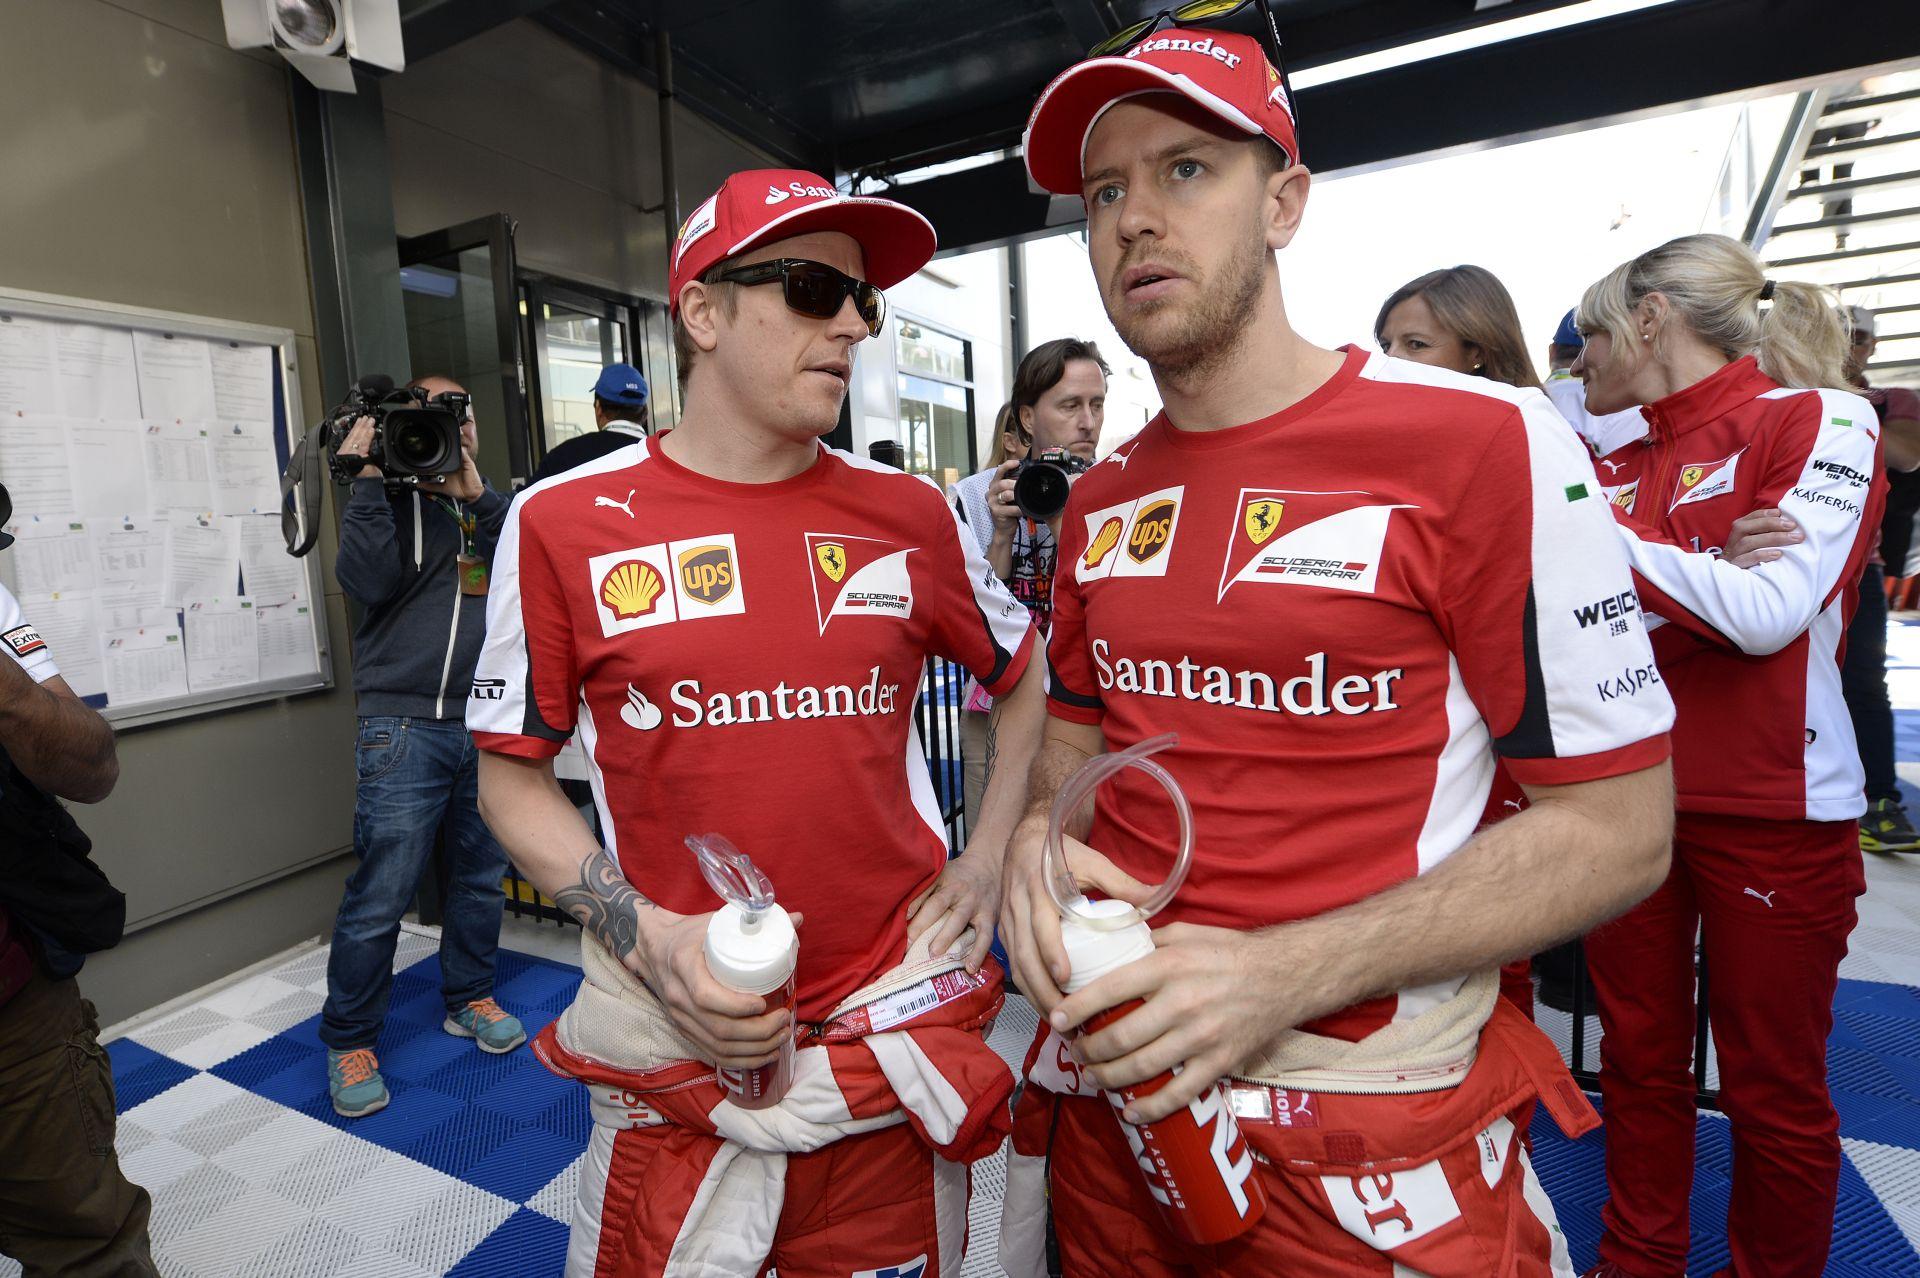 Nem lesz ciki Raikkönennek, ha megint kikap a csapattársától a Ferrarinál?